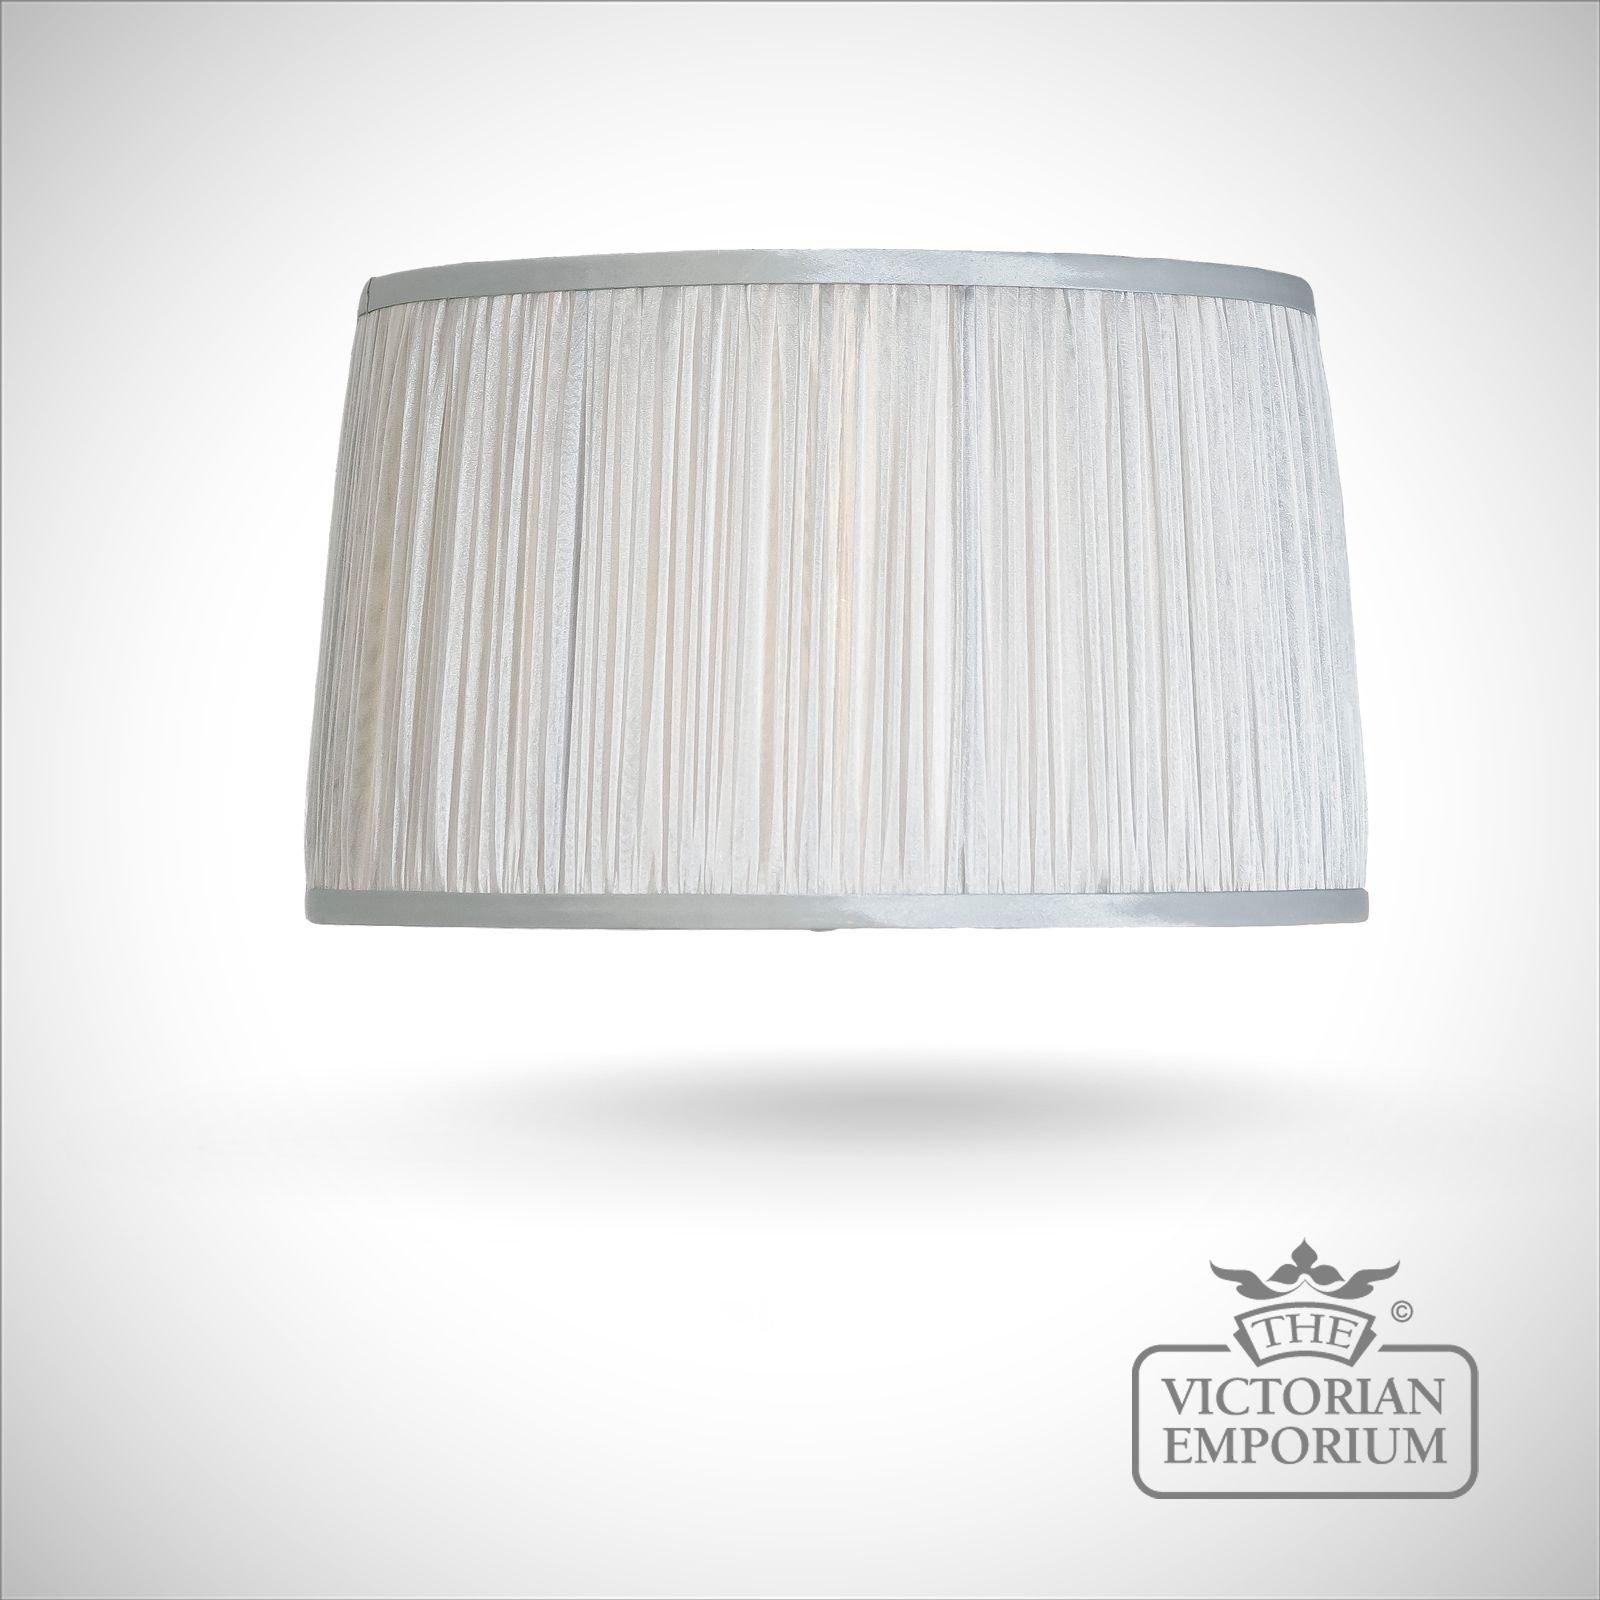 Silver chiffon lamp shade lamp shades the victorian emporium silver chiffon lamp shade aloadofball Gallery